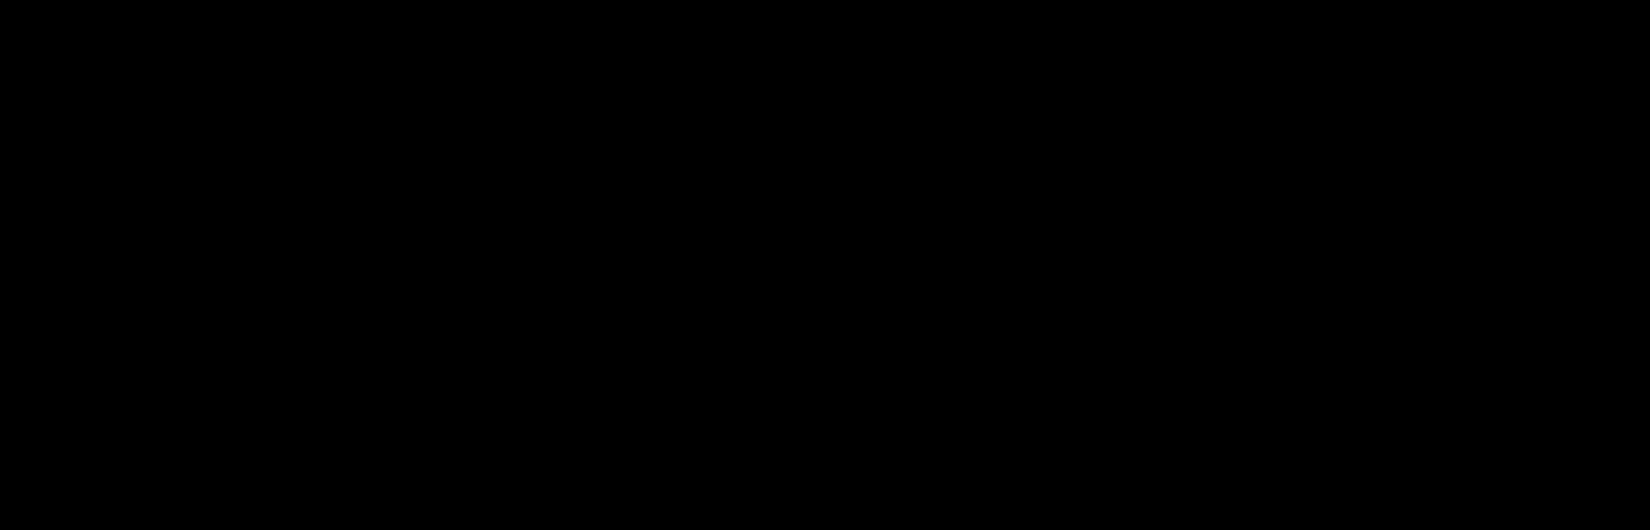 logo-m5-mexican-brass-deutschlandtour-2017-buero-doering-black